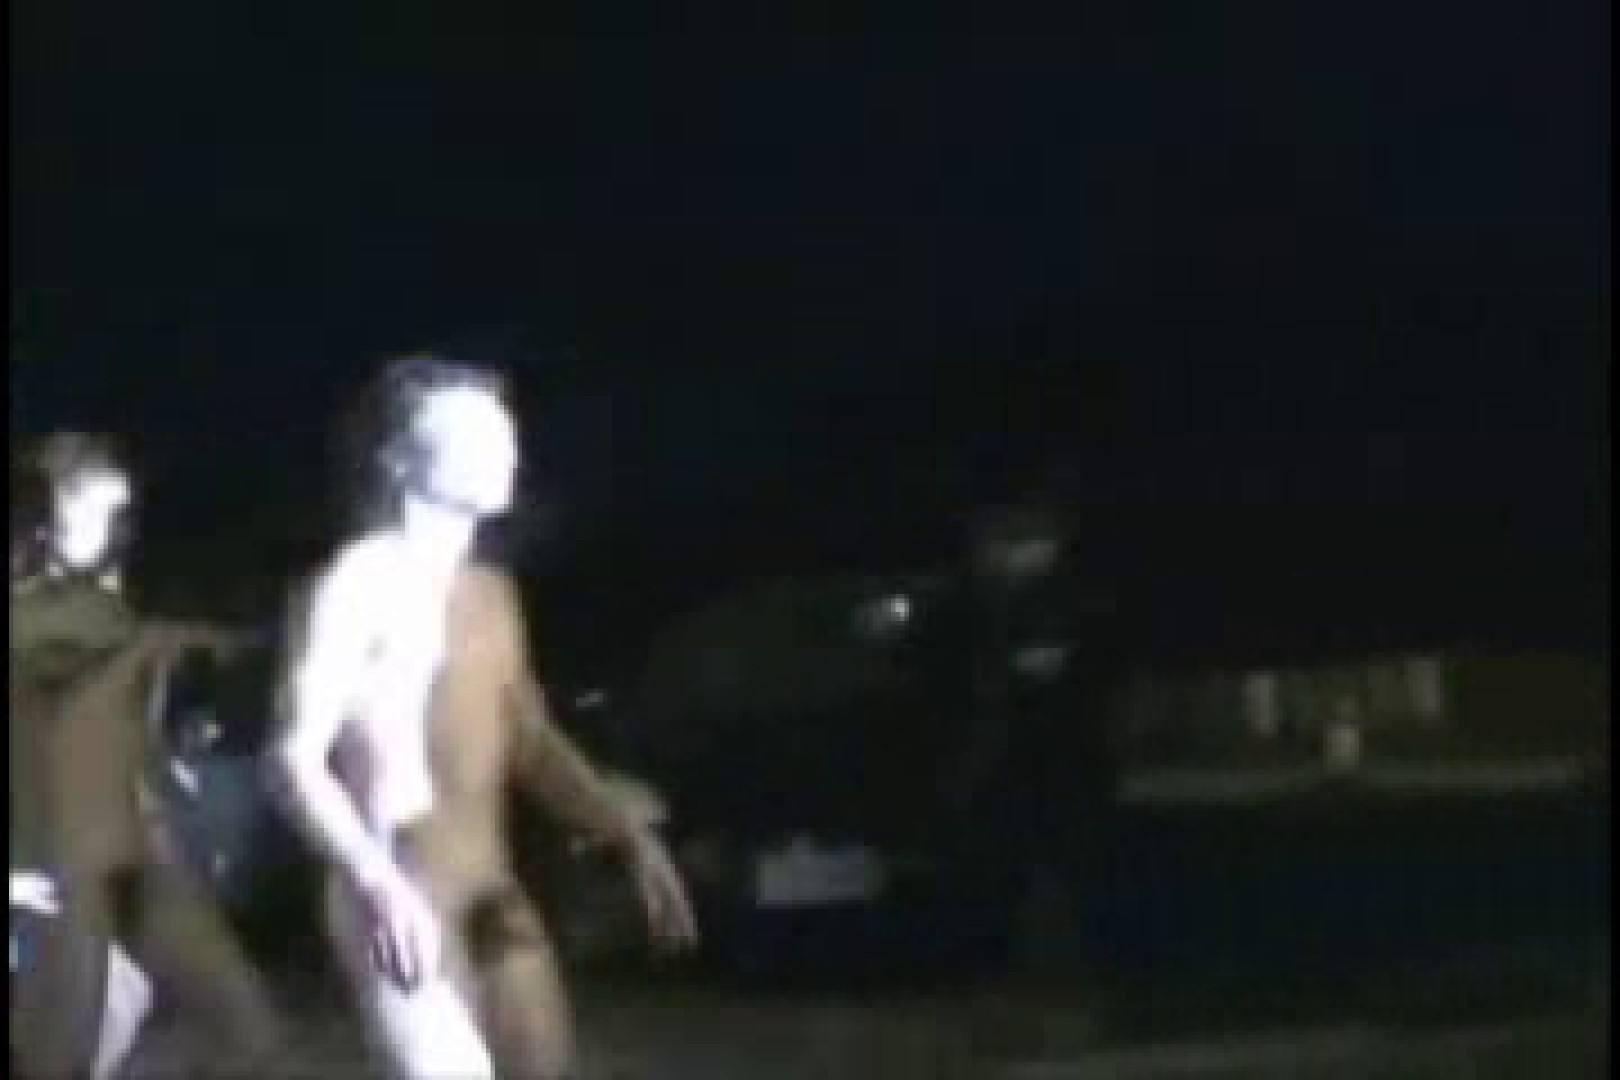 陰間茶屋 男児祭り VOL.3 男どうし | 裸特集 ゲイ無料無修正画像 52pic 36